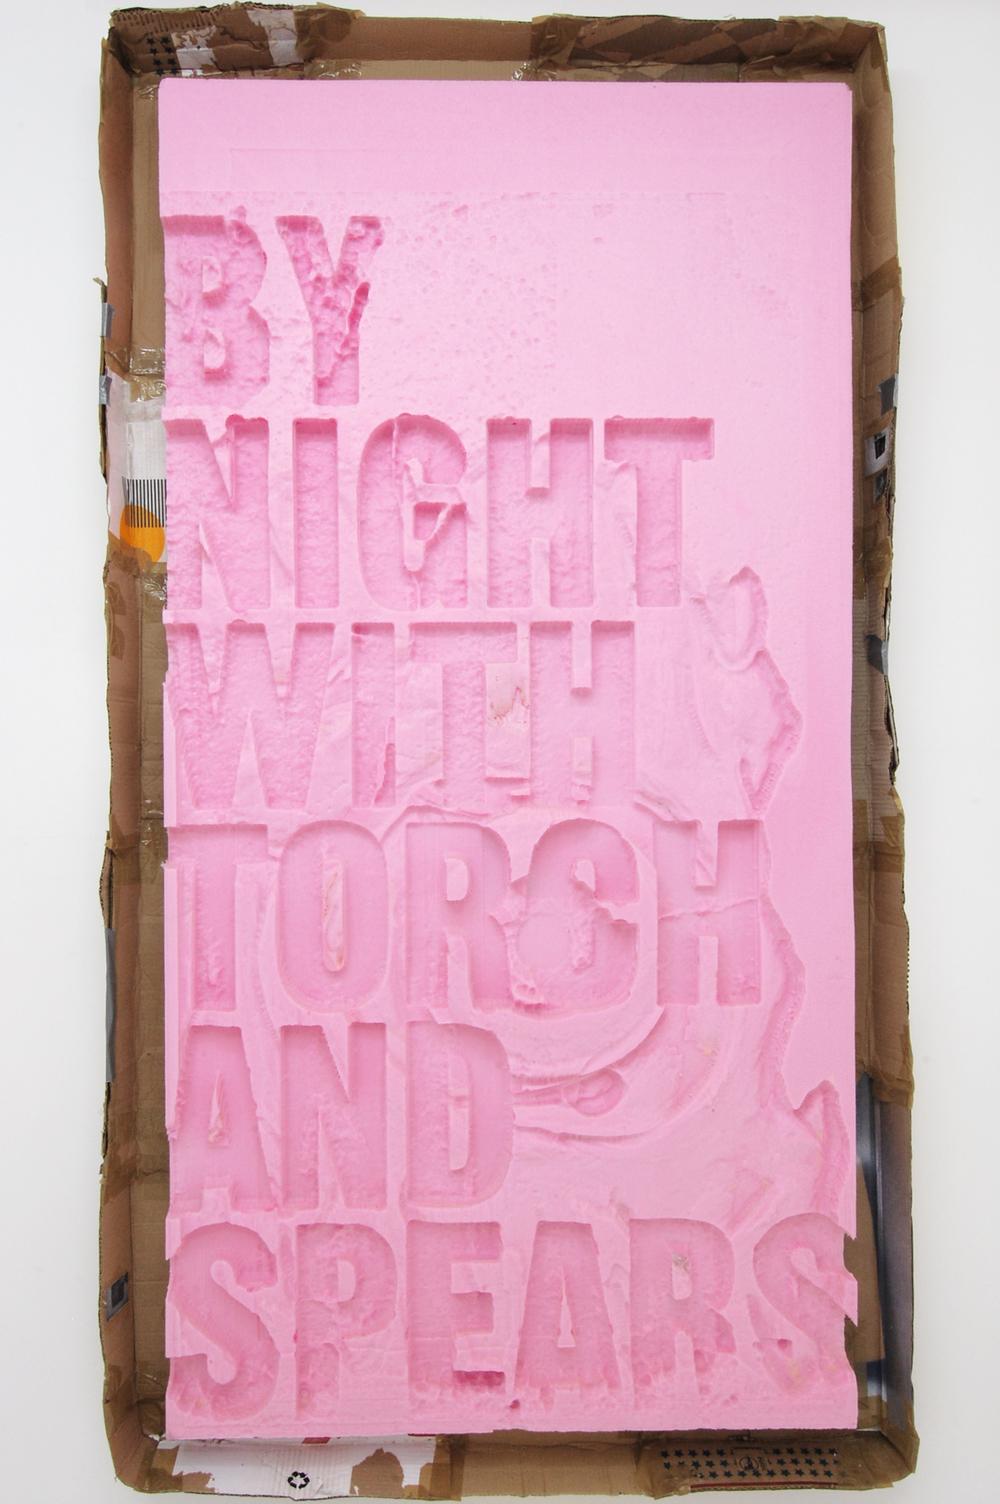 RenaudJerez    By Night With Torch and Spears   Espuma de poliuretano de alta densidad, cartón, cinta, papel